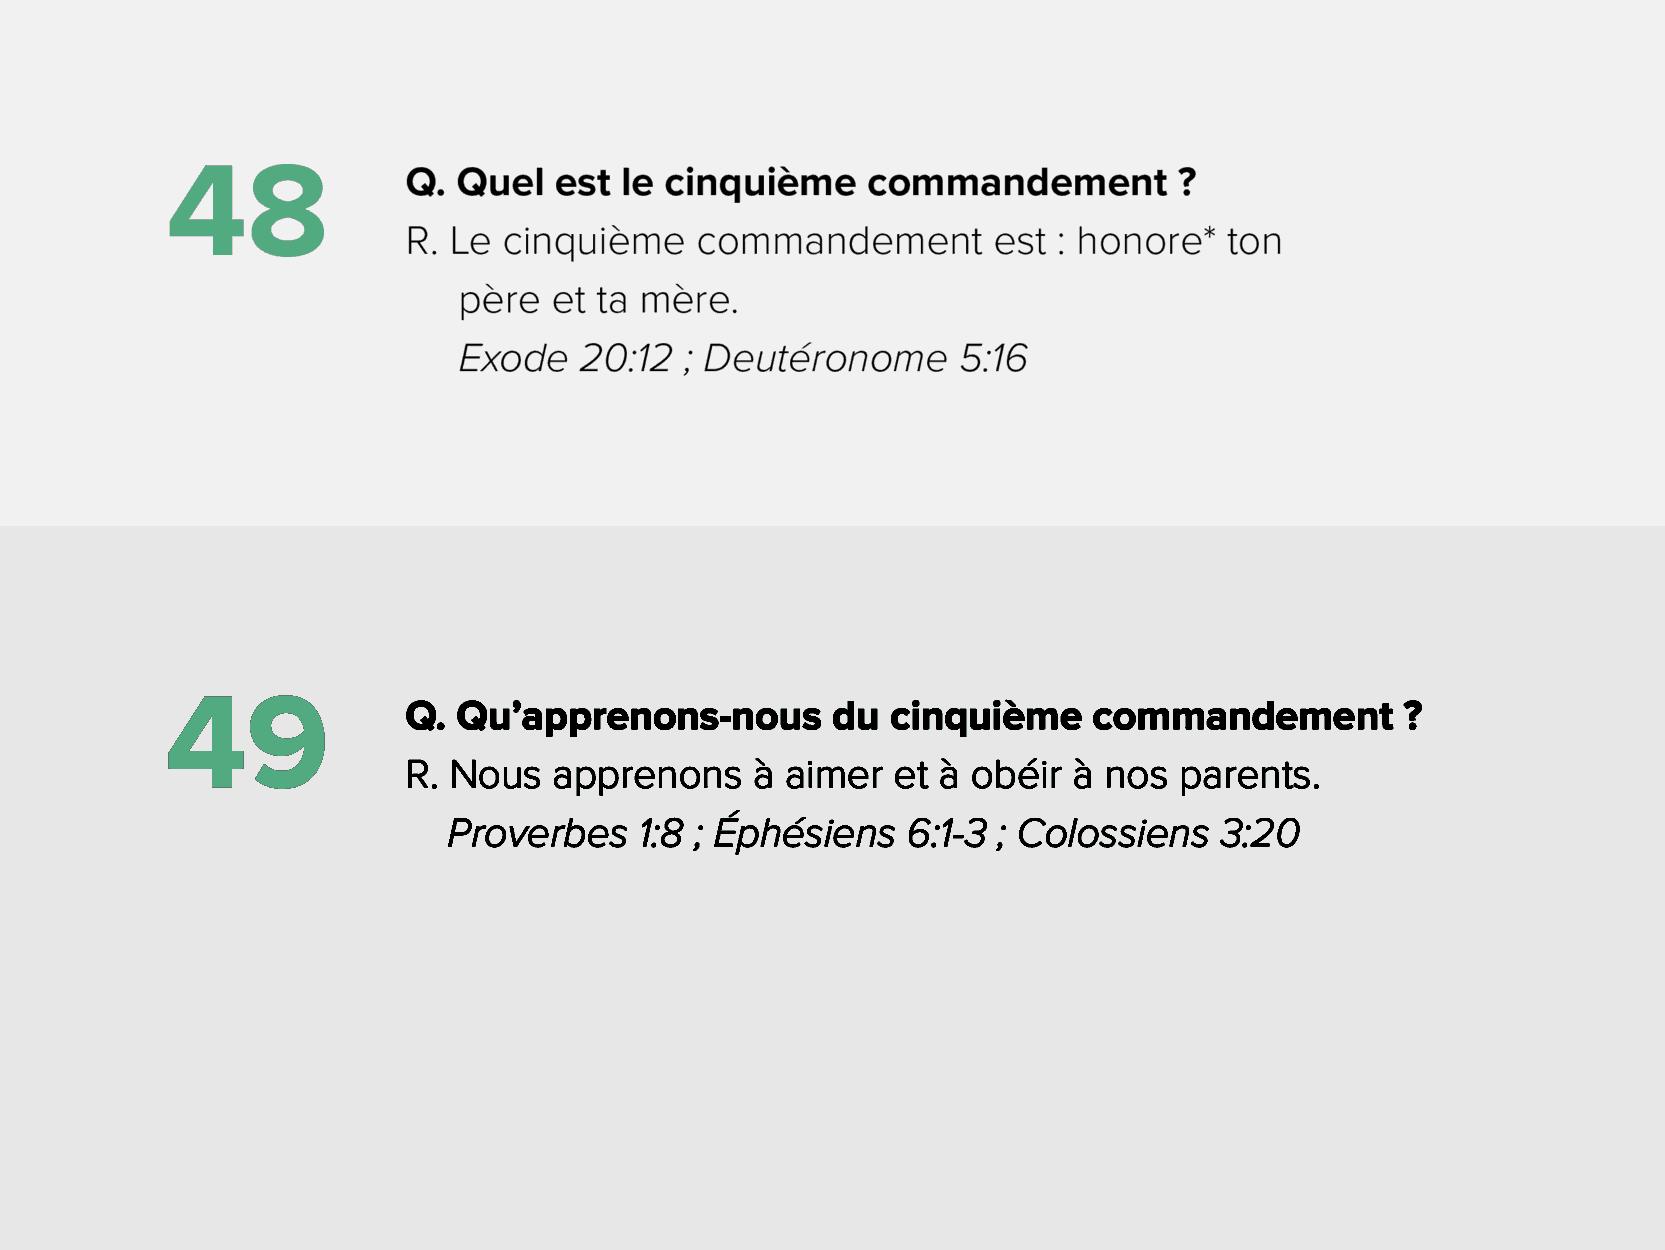 Q&A_48-49F